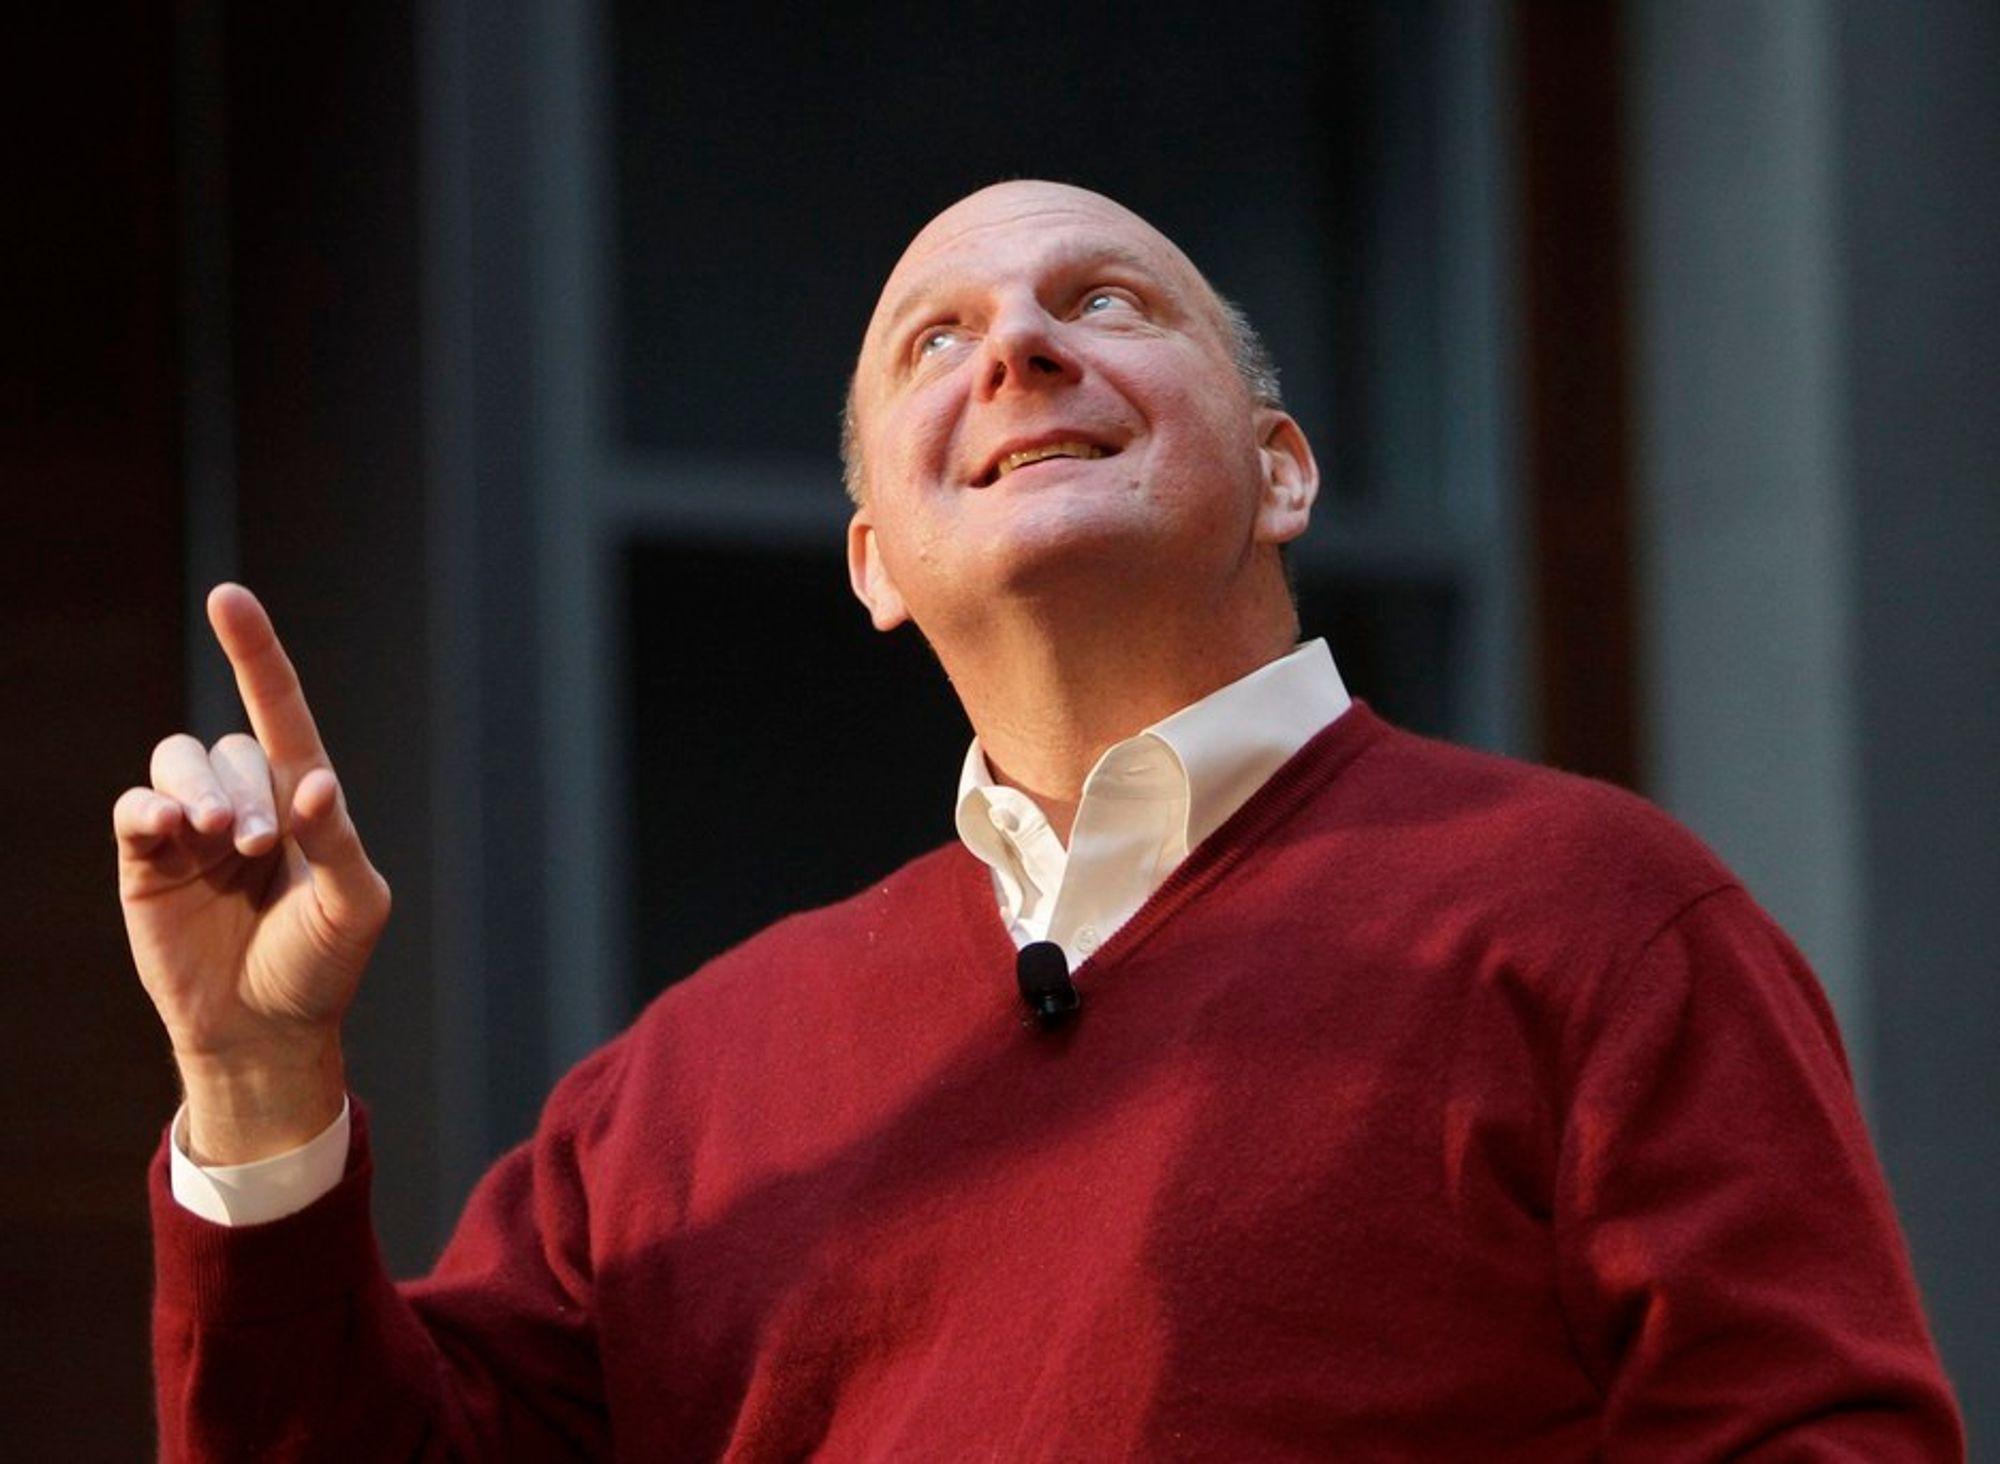 STERKT KVARTAL: Microsoft-sjef Steve Ballmer smiler, mens omsetningen til selskapet øker med 25 prosent.